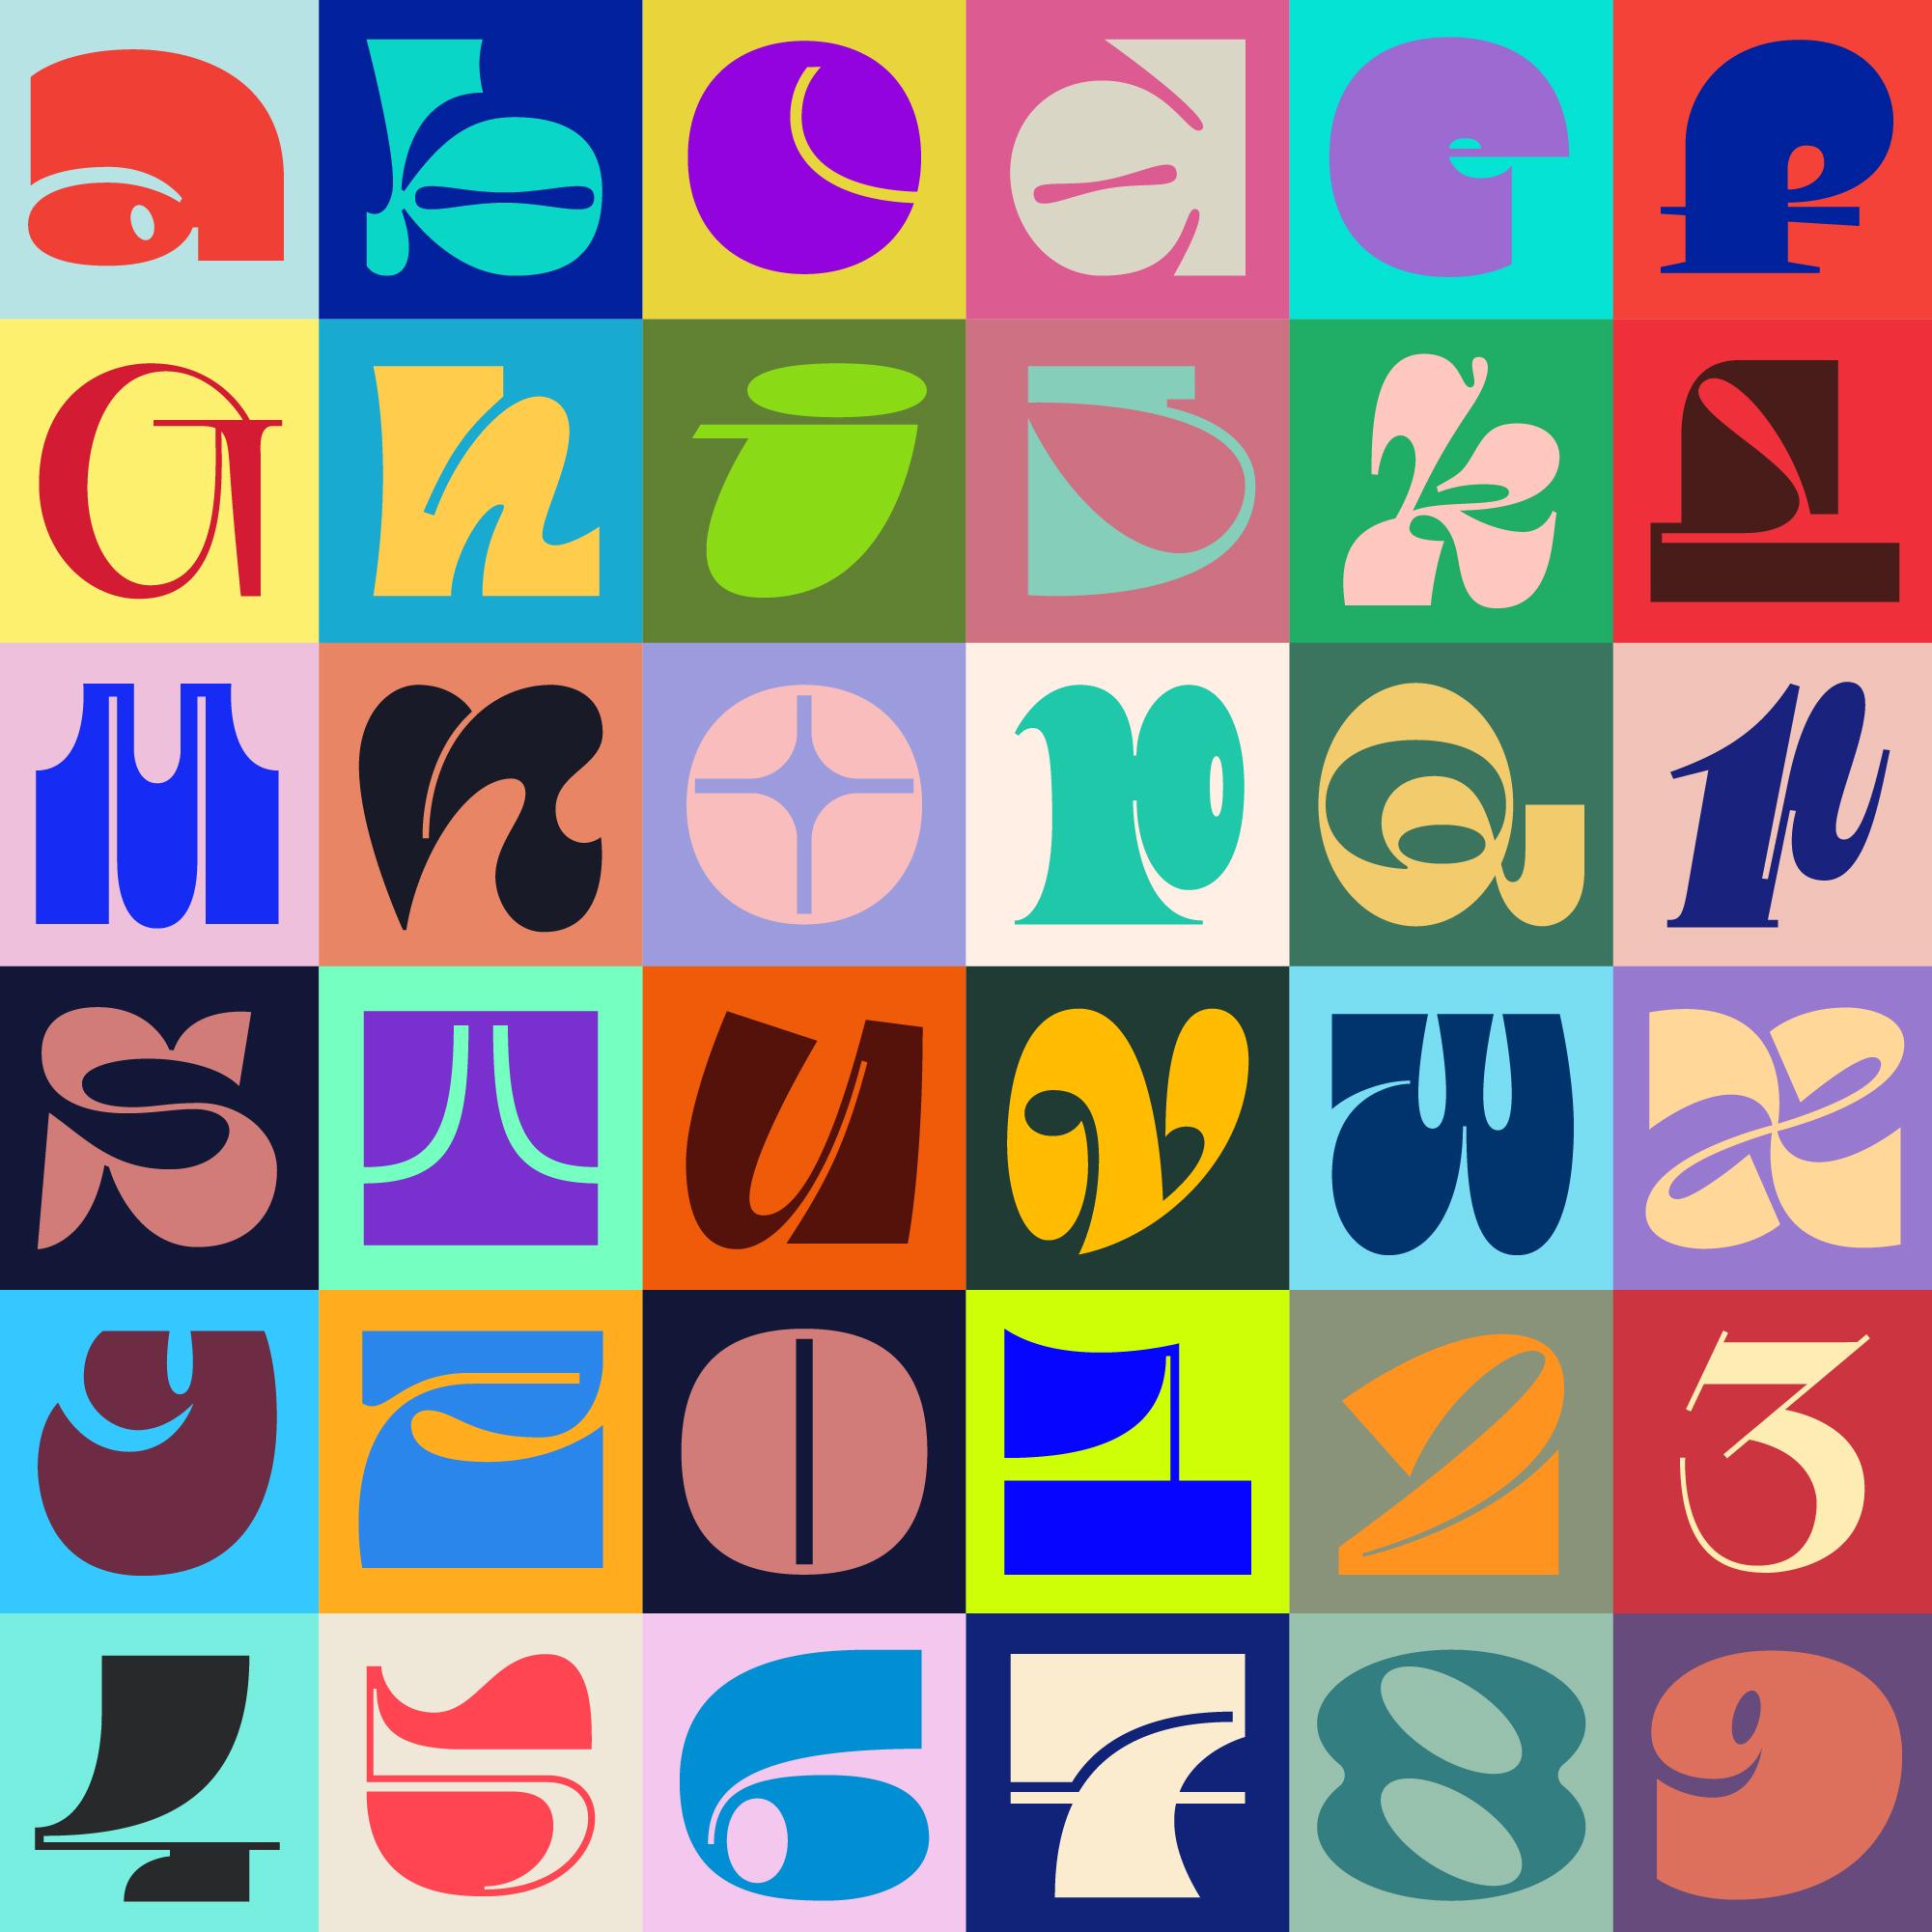 36DaysOfType-berendea-com-38